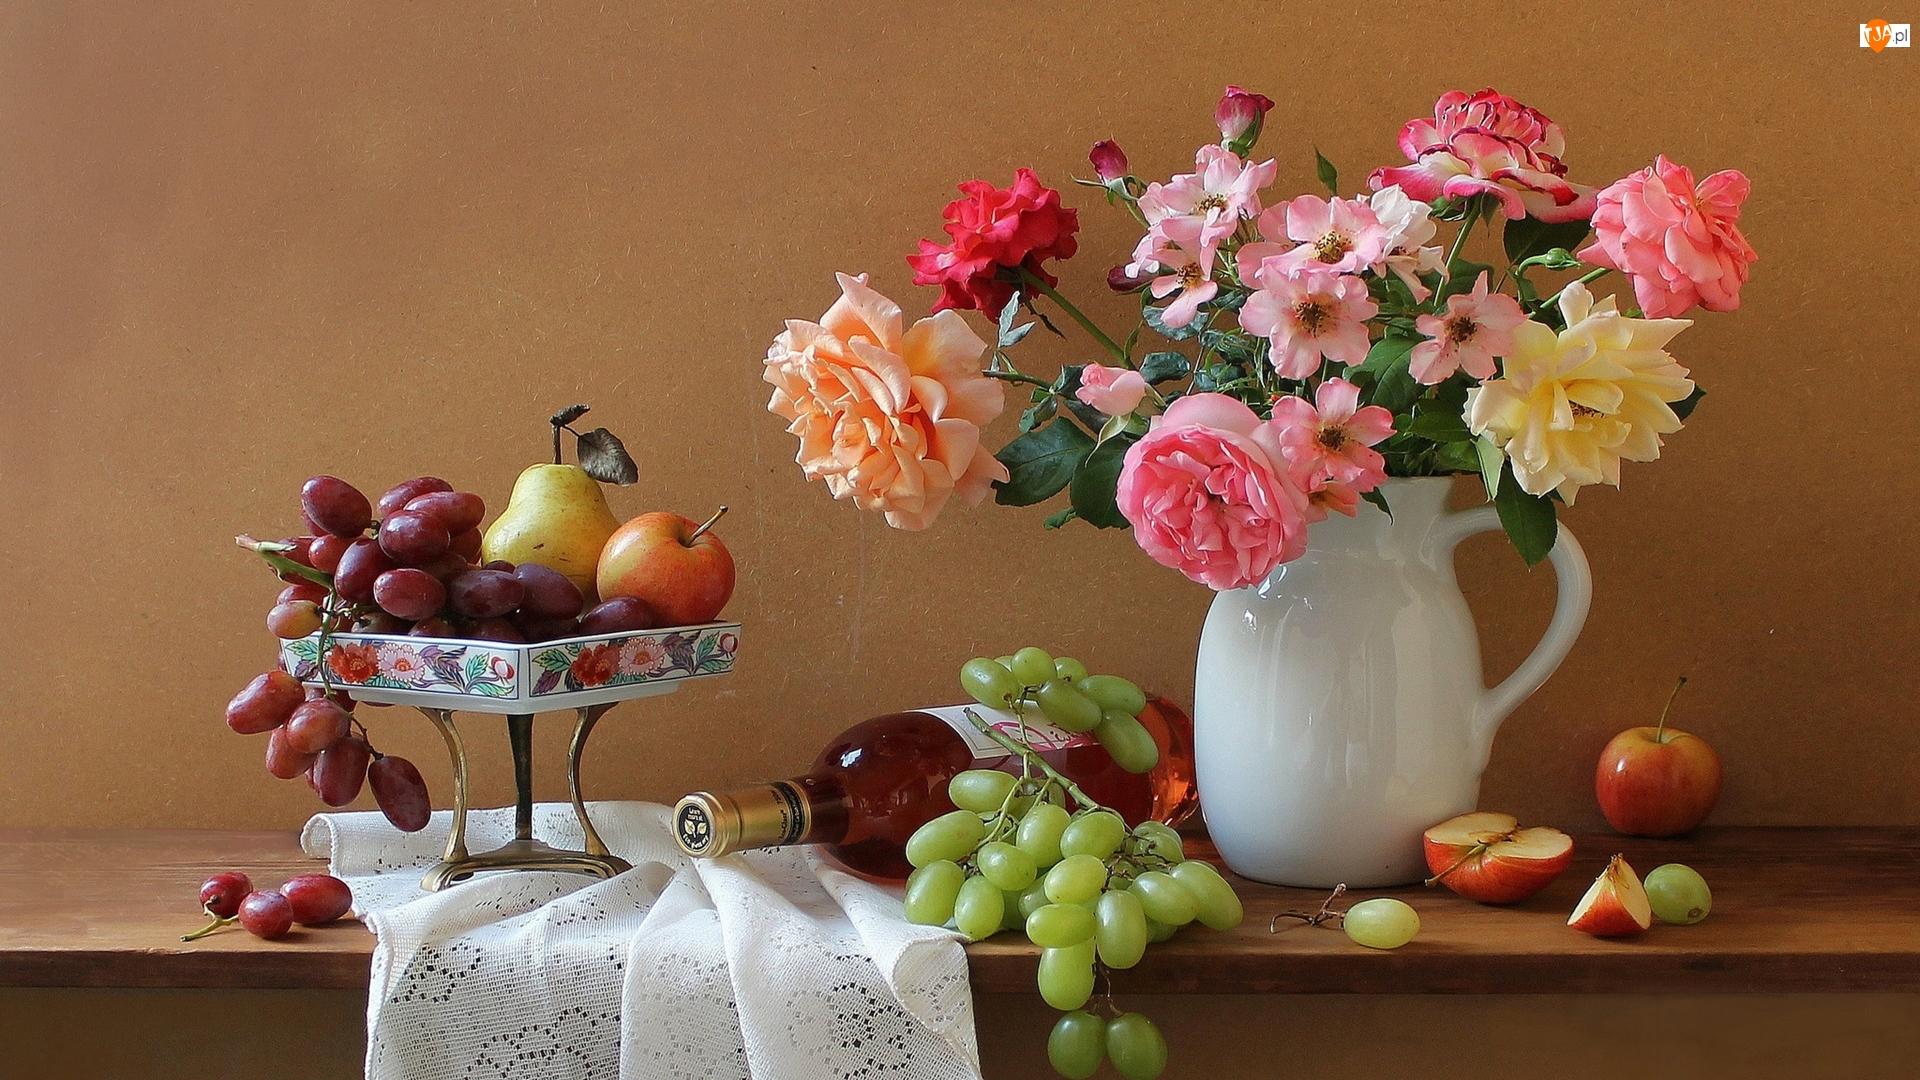 Owoce, Jabłka, Bukiet, Winogrona, Kompozycja, Wino, Róże, Gruszka